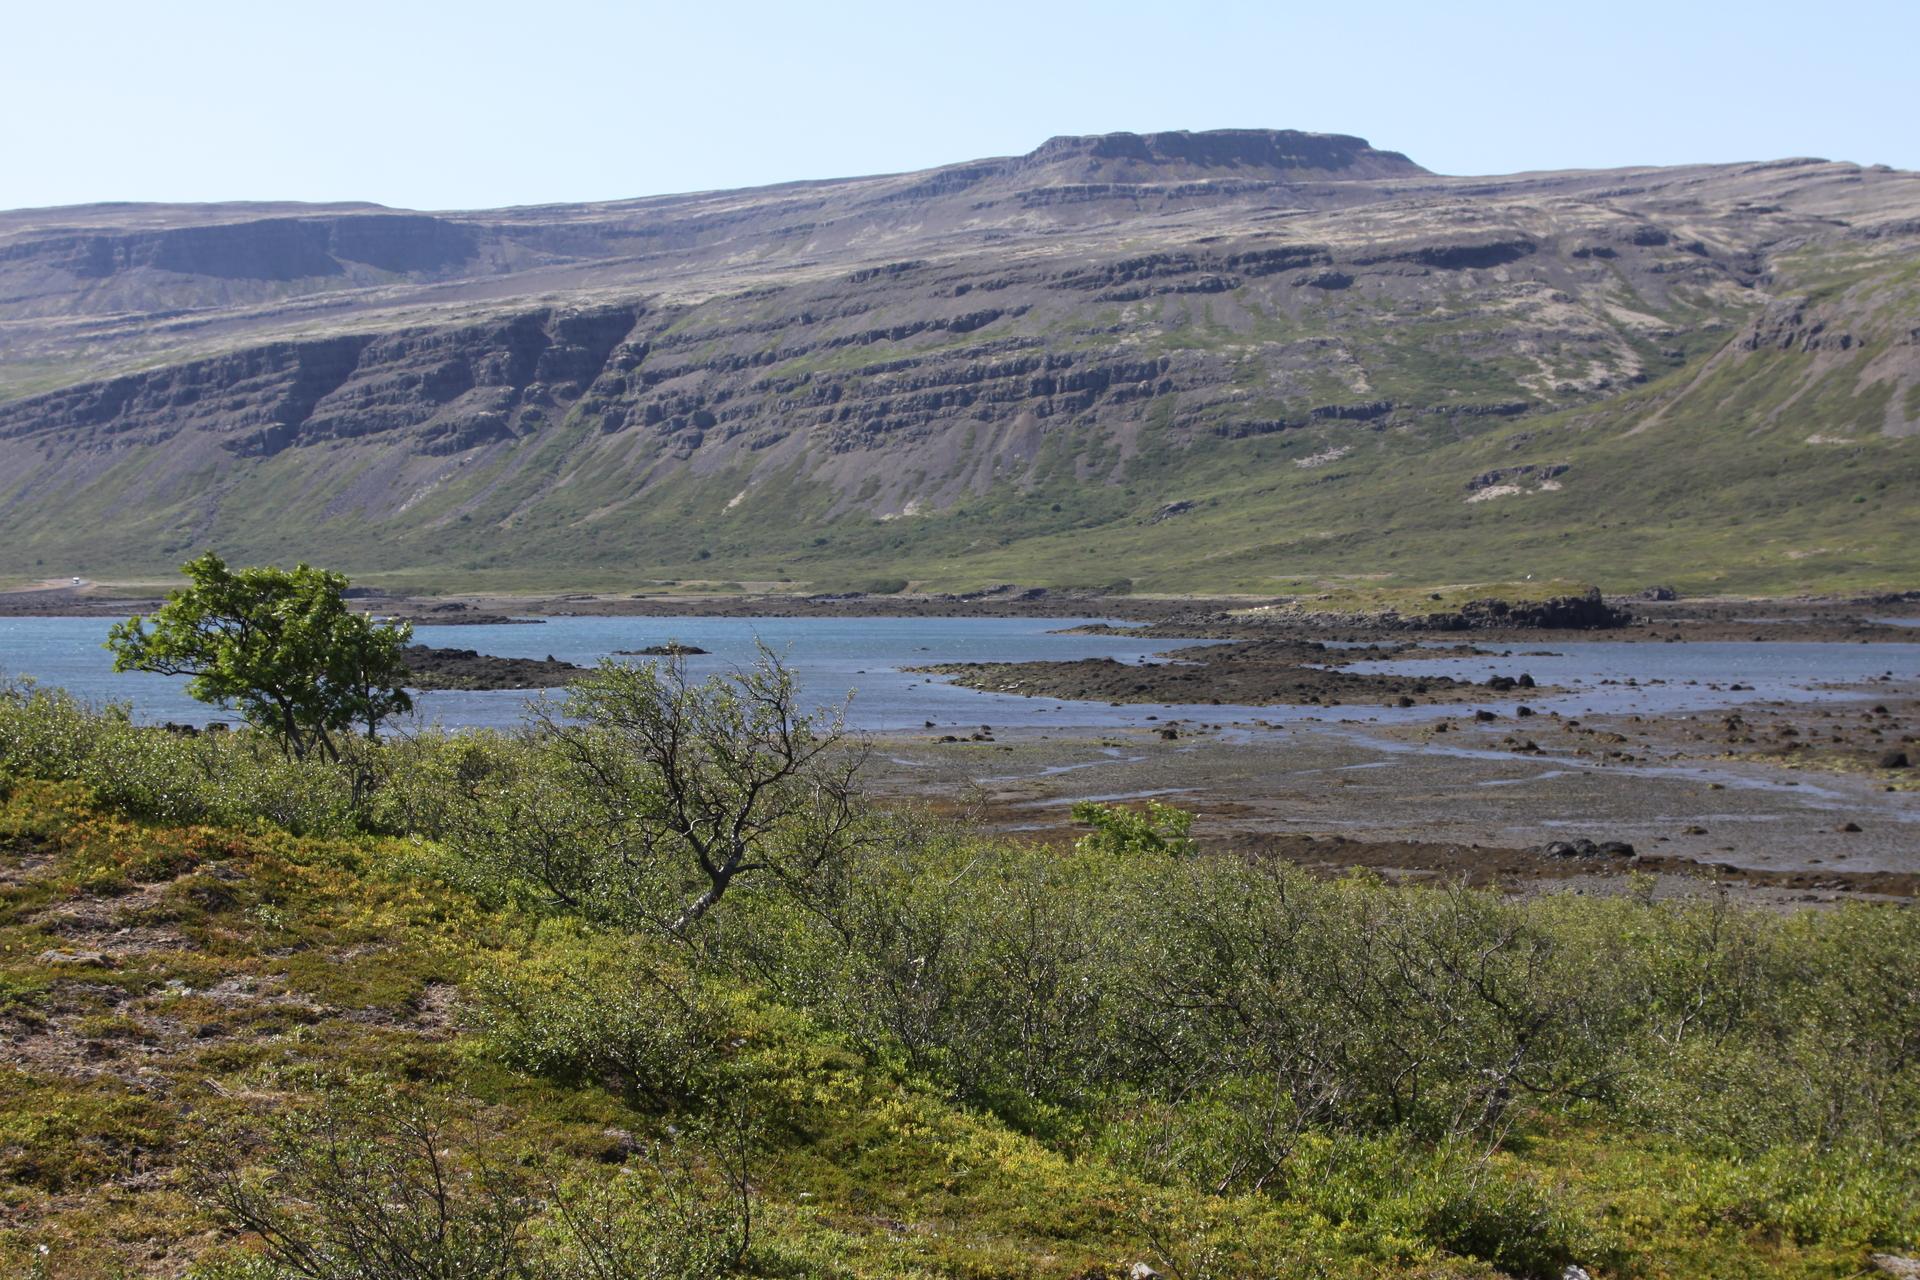 Æðarungar eru taldir ár hvert við Breiðafjörð síðan 2007. Hér sést talningastaðurinn við Kerlingafjörð en þar er lítið æðarvarp með nokkrum tugum varpkollna.